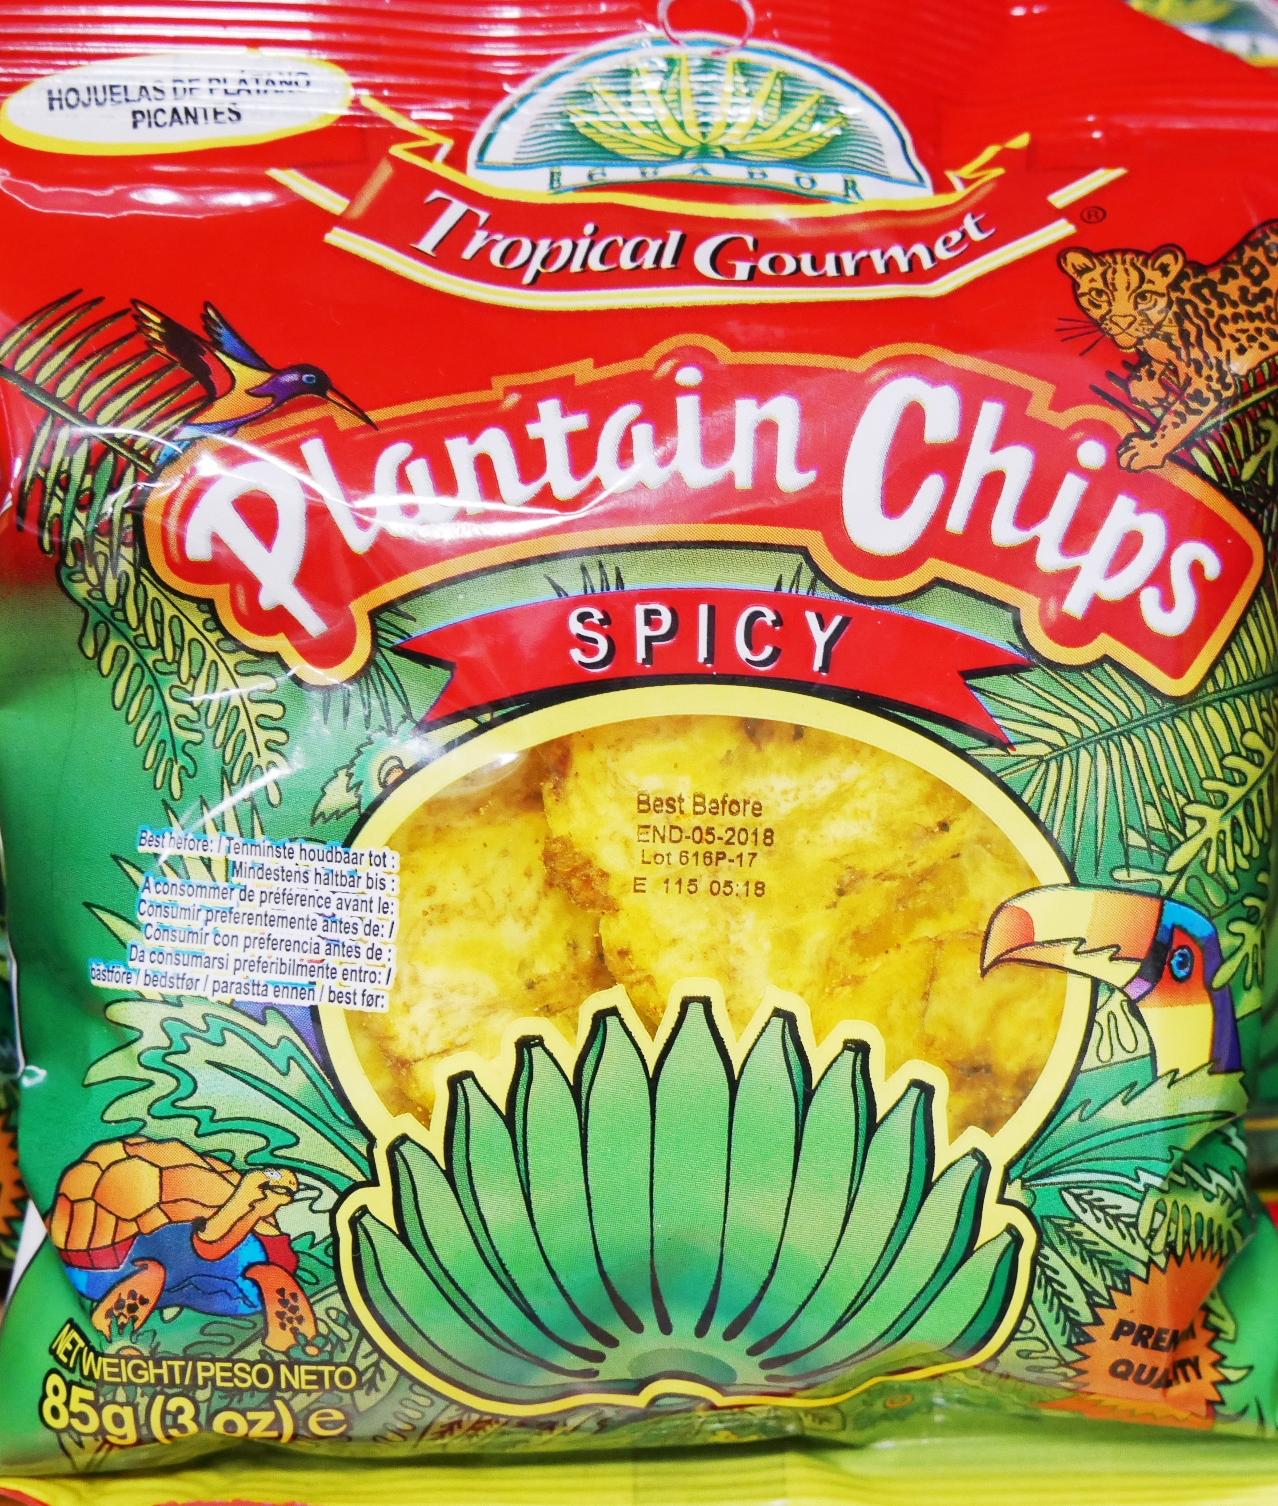 Bananen Chips - Scharf